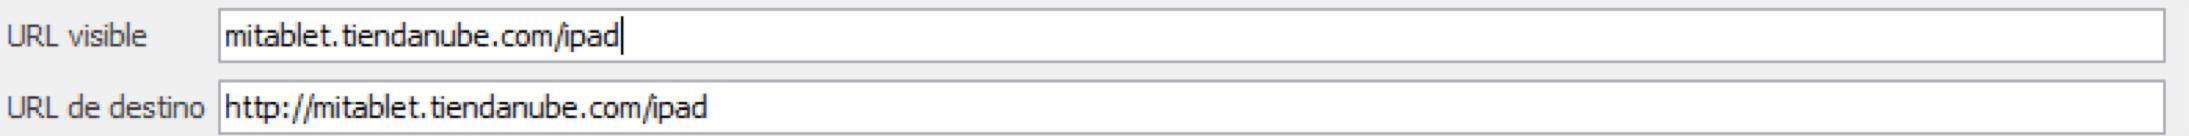 URL de Destino en el Anuncio de Mercado Clics